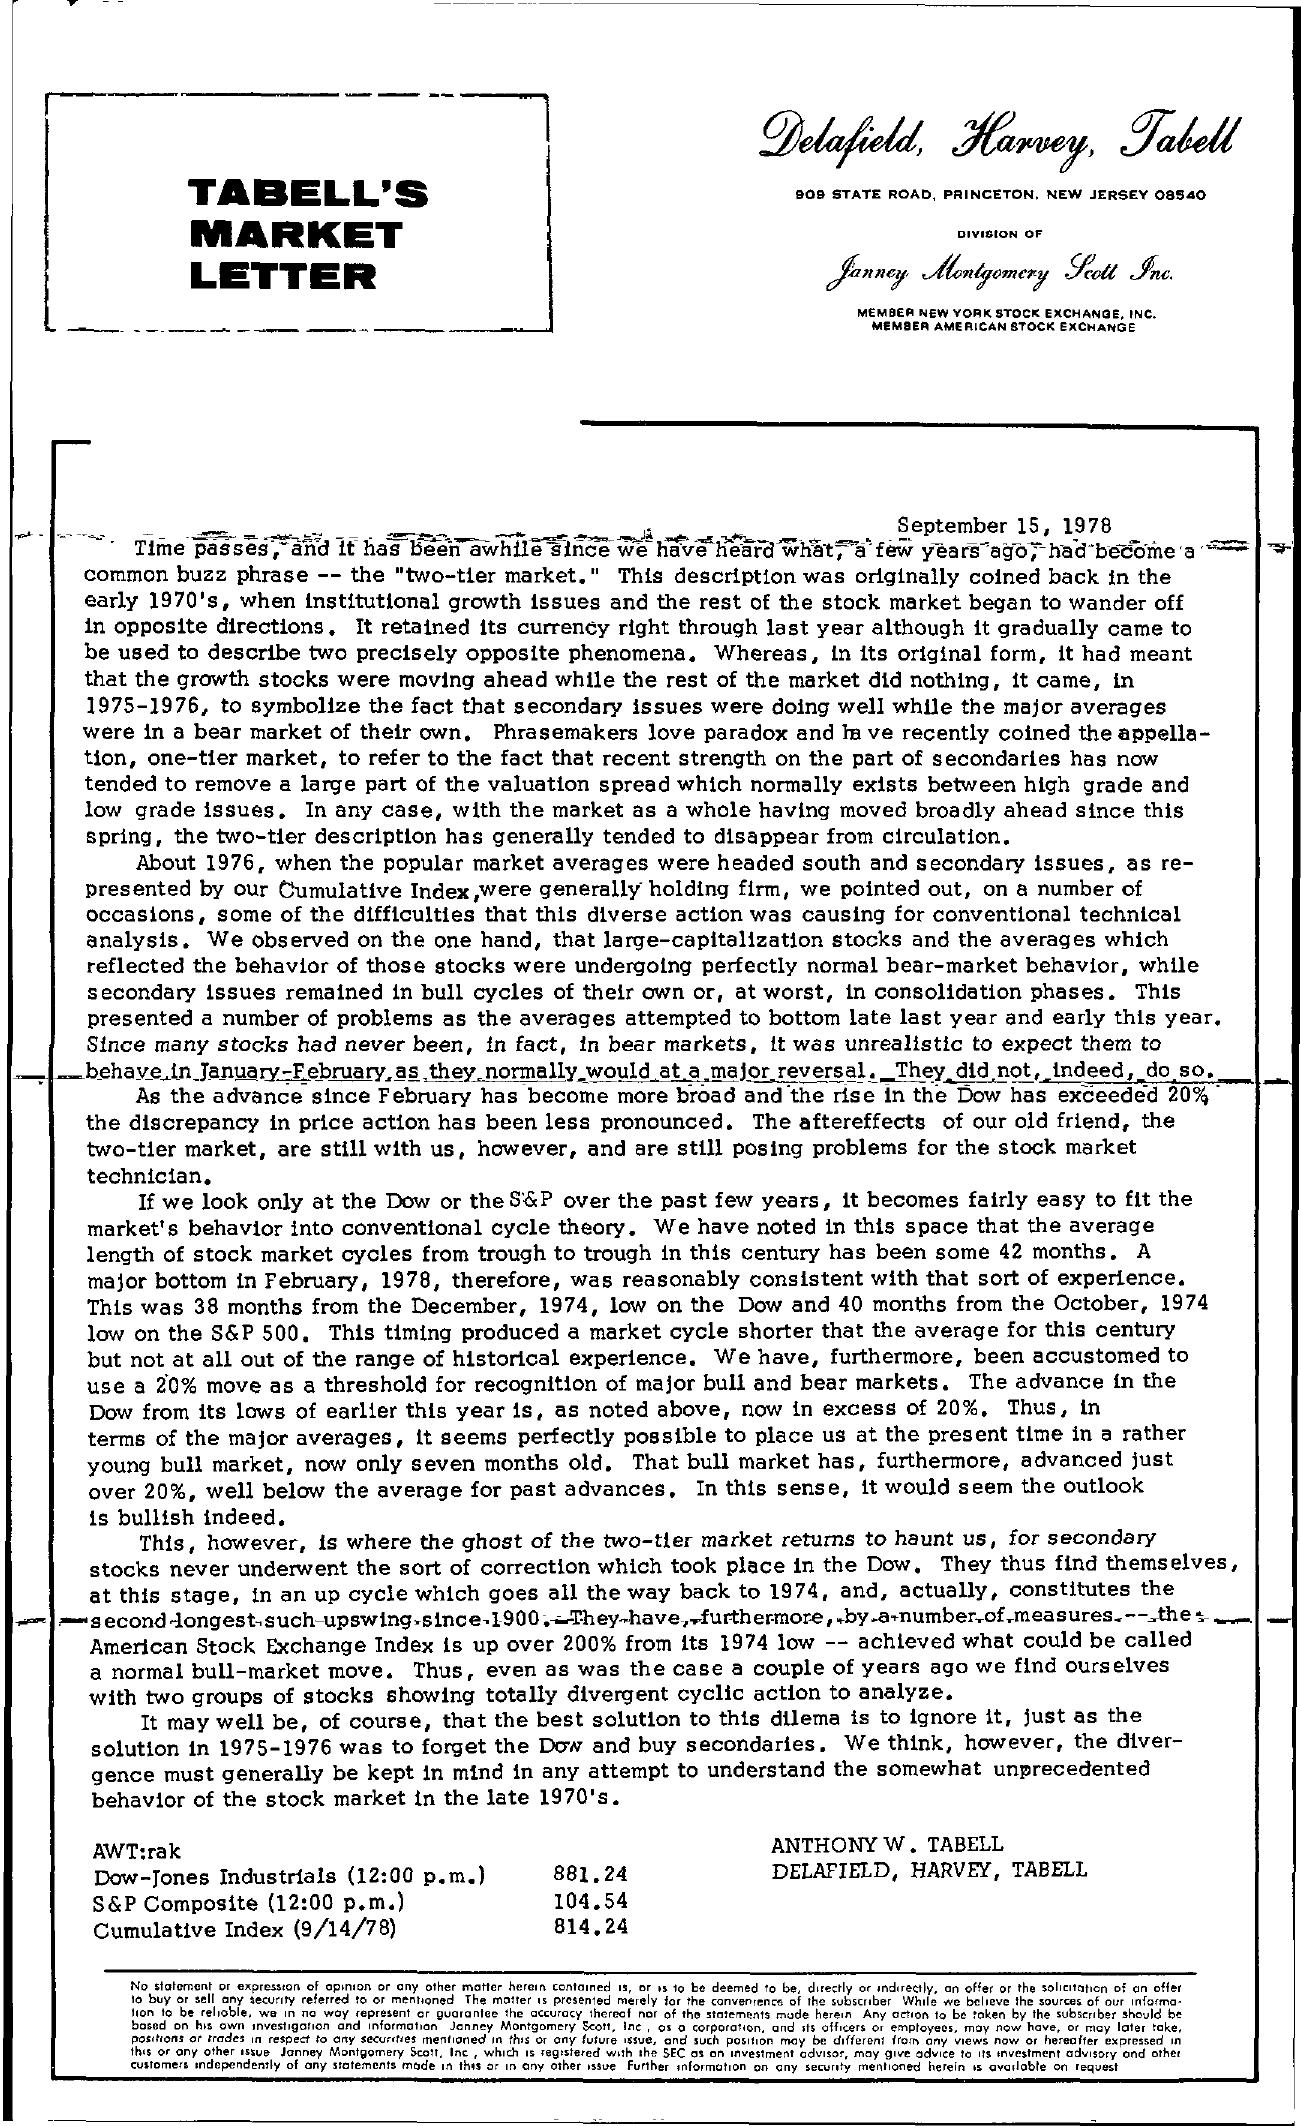 Tabell's Market Letter - September 15, 1978